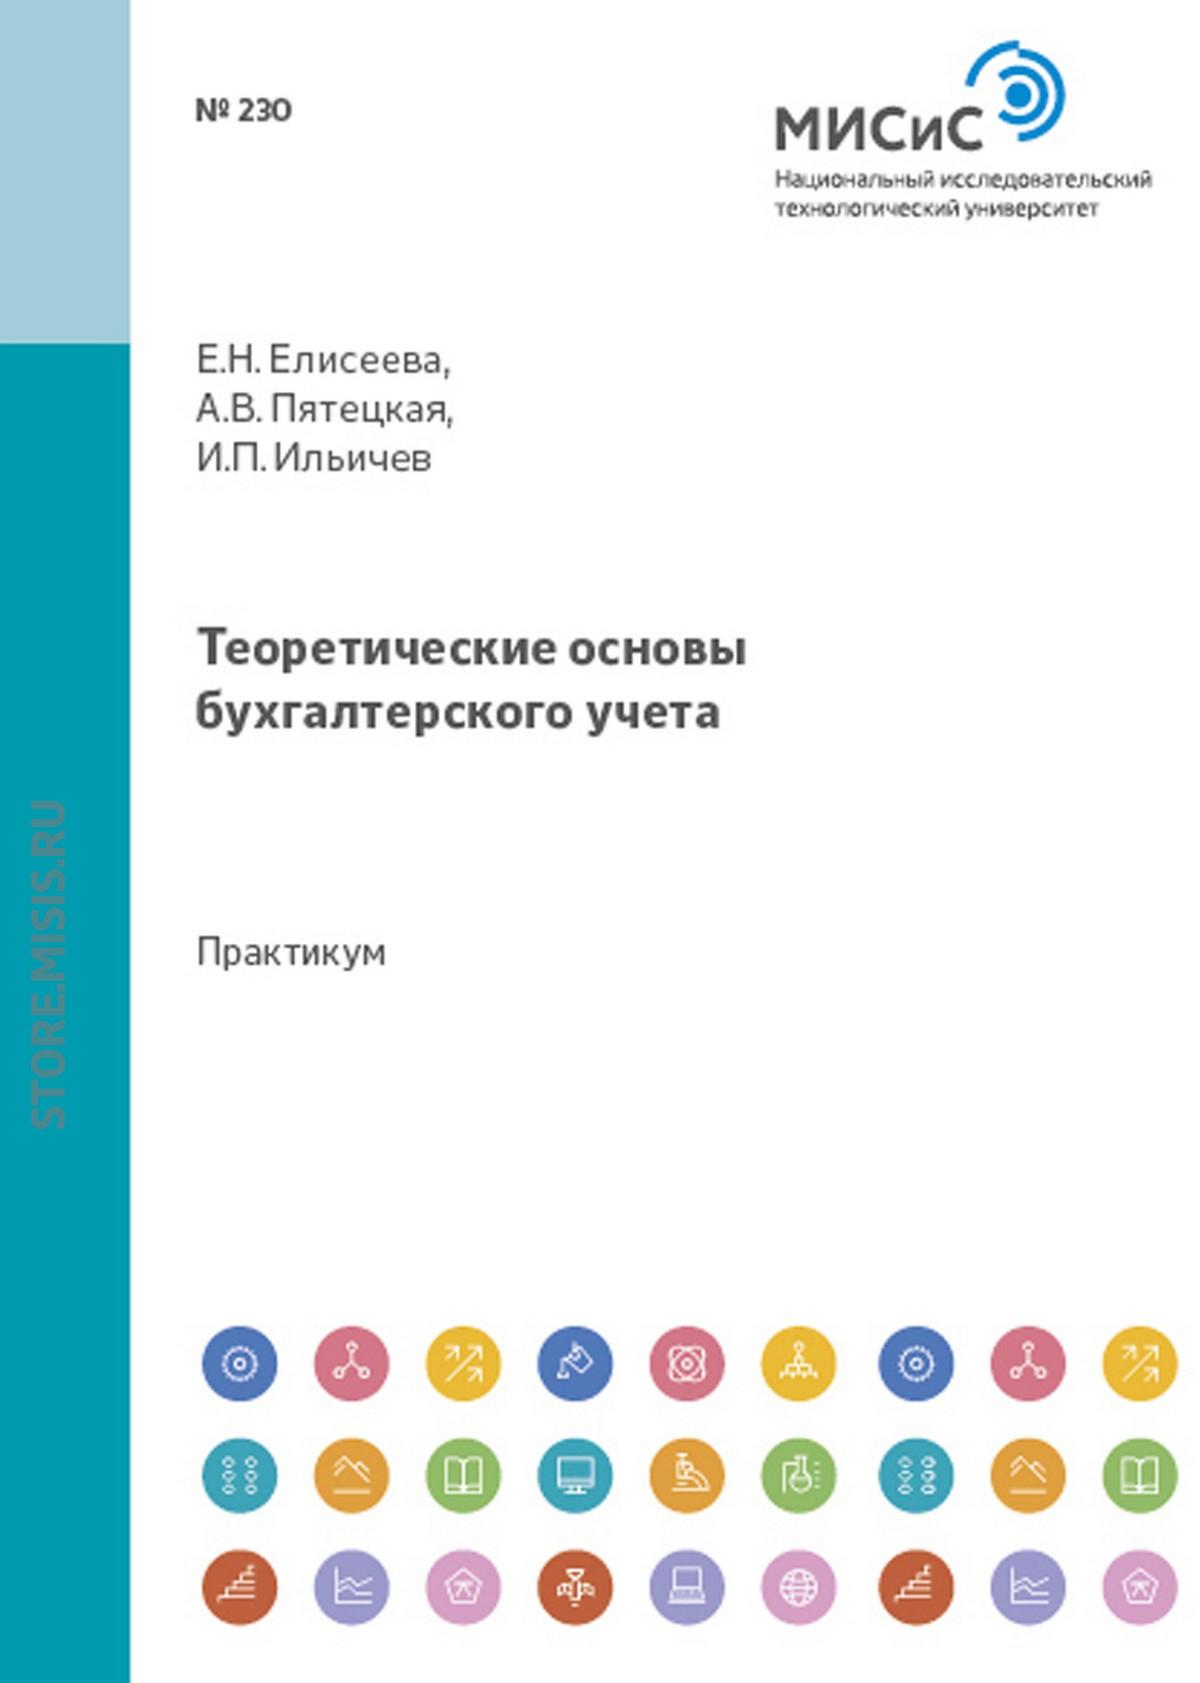 Е. Н. Елисеева Теоретические основы бухгалтерского учета баканов м и основы бухгалтерского учета в торговле